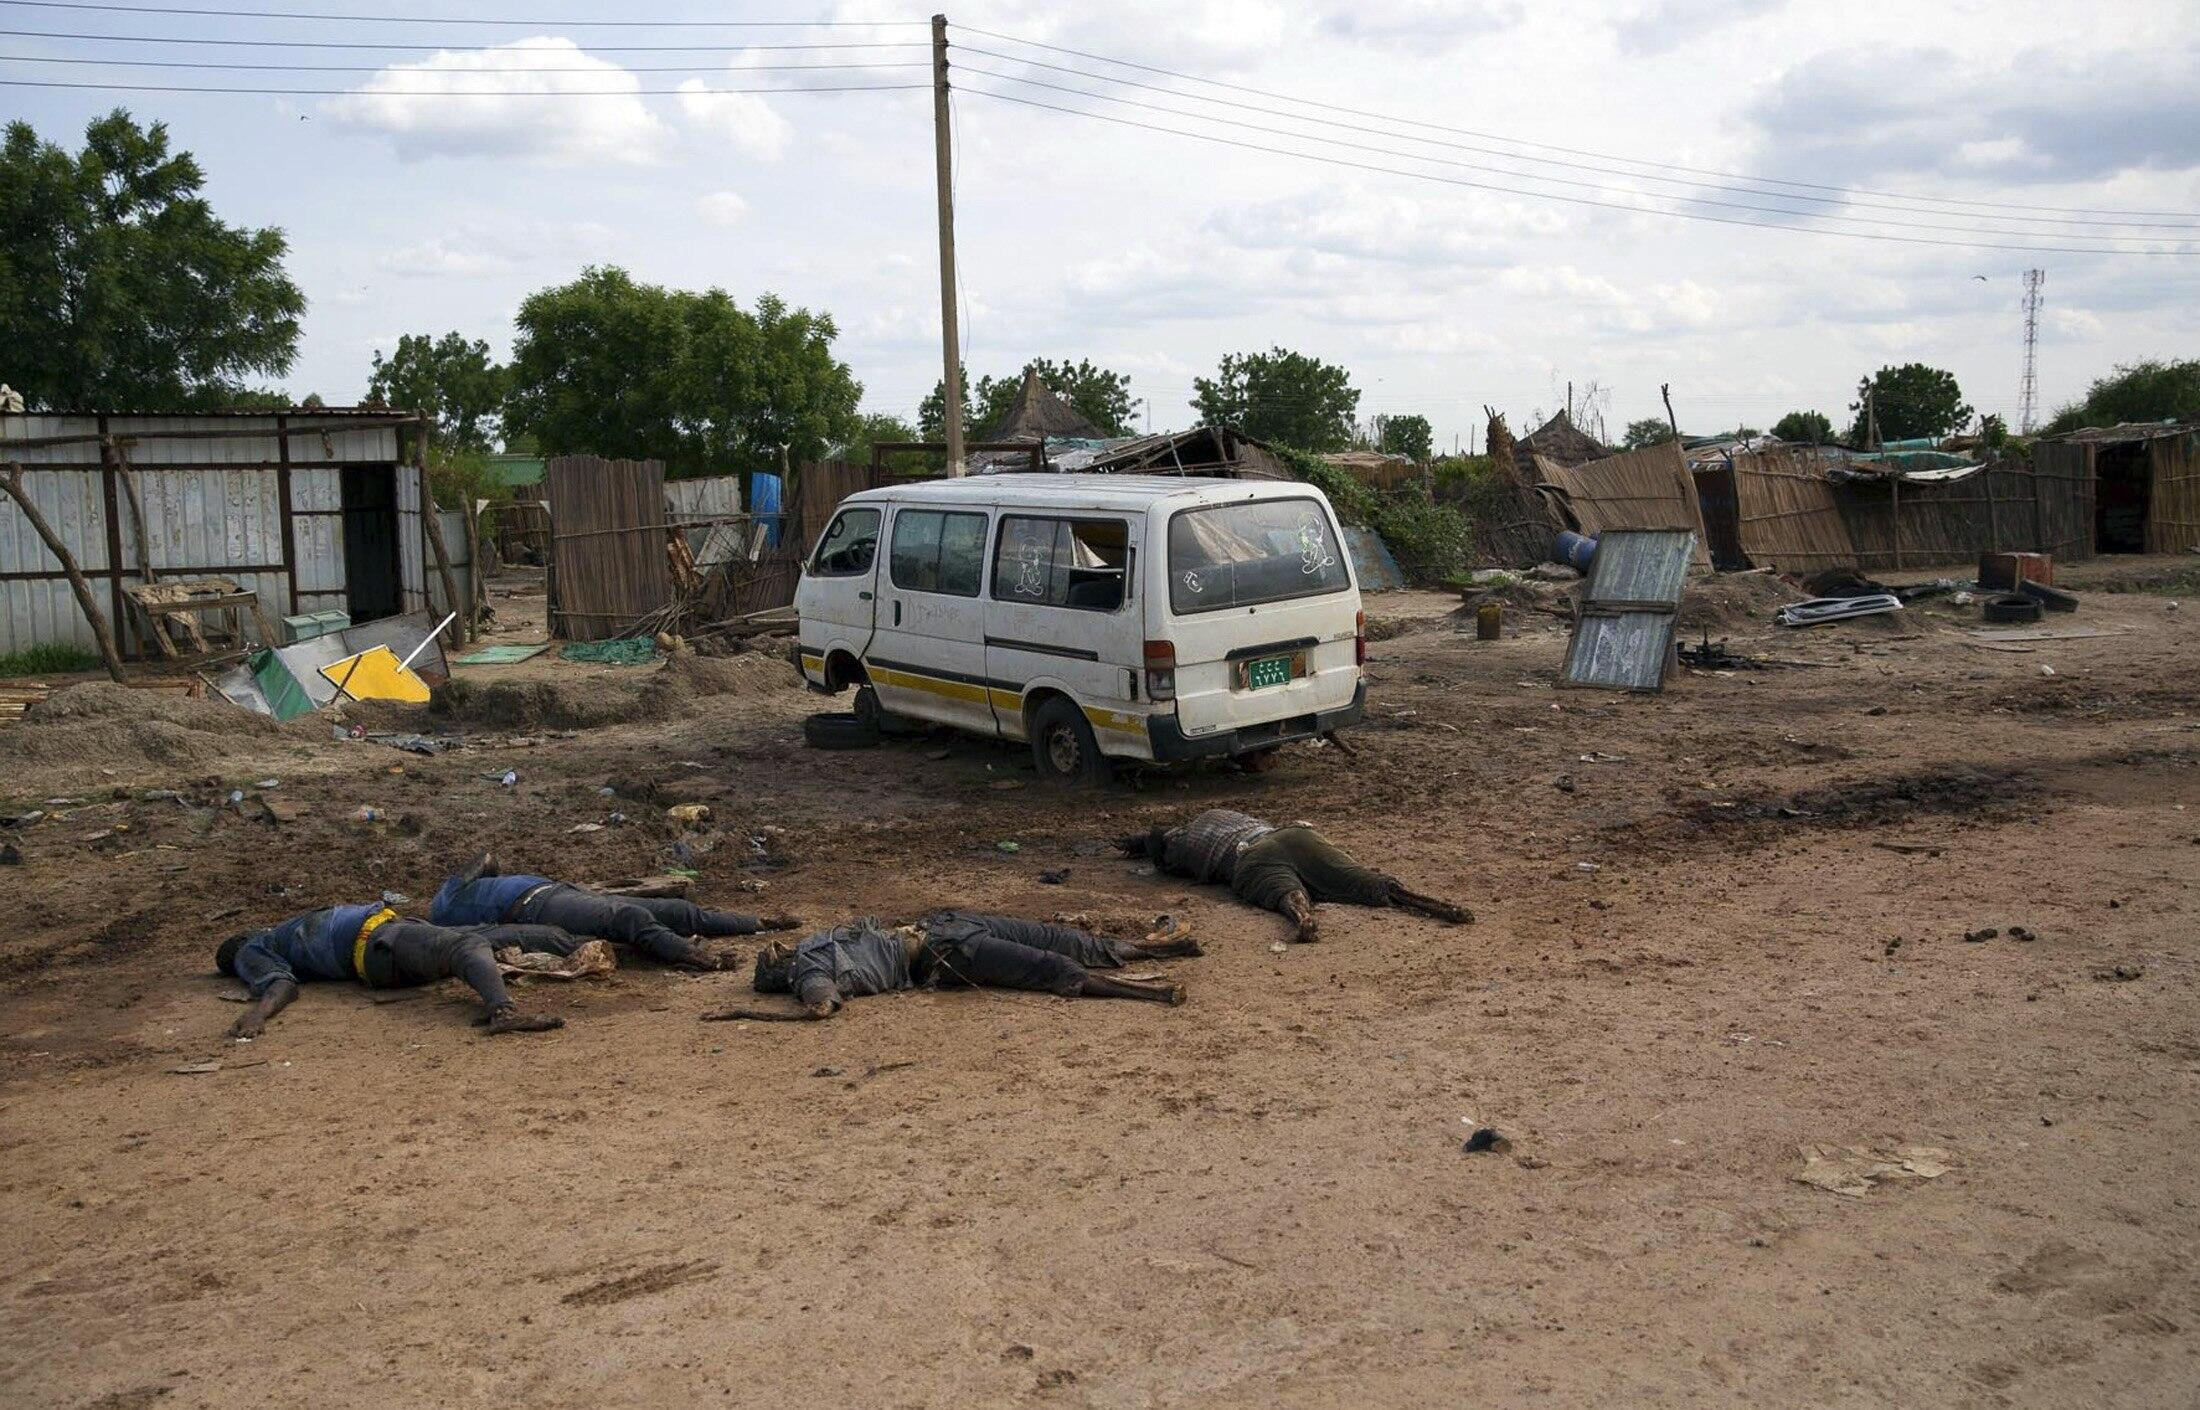 Mapigano yanayoendelea nchini Sudan Kusini yamesababisha vifo vya watu wengi. Hapa ni pembezoni mwa barabar inayoingia katika mji wa Bentiu, Sudan Kusini, Aprili 20 mwaka 2014.